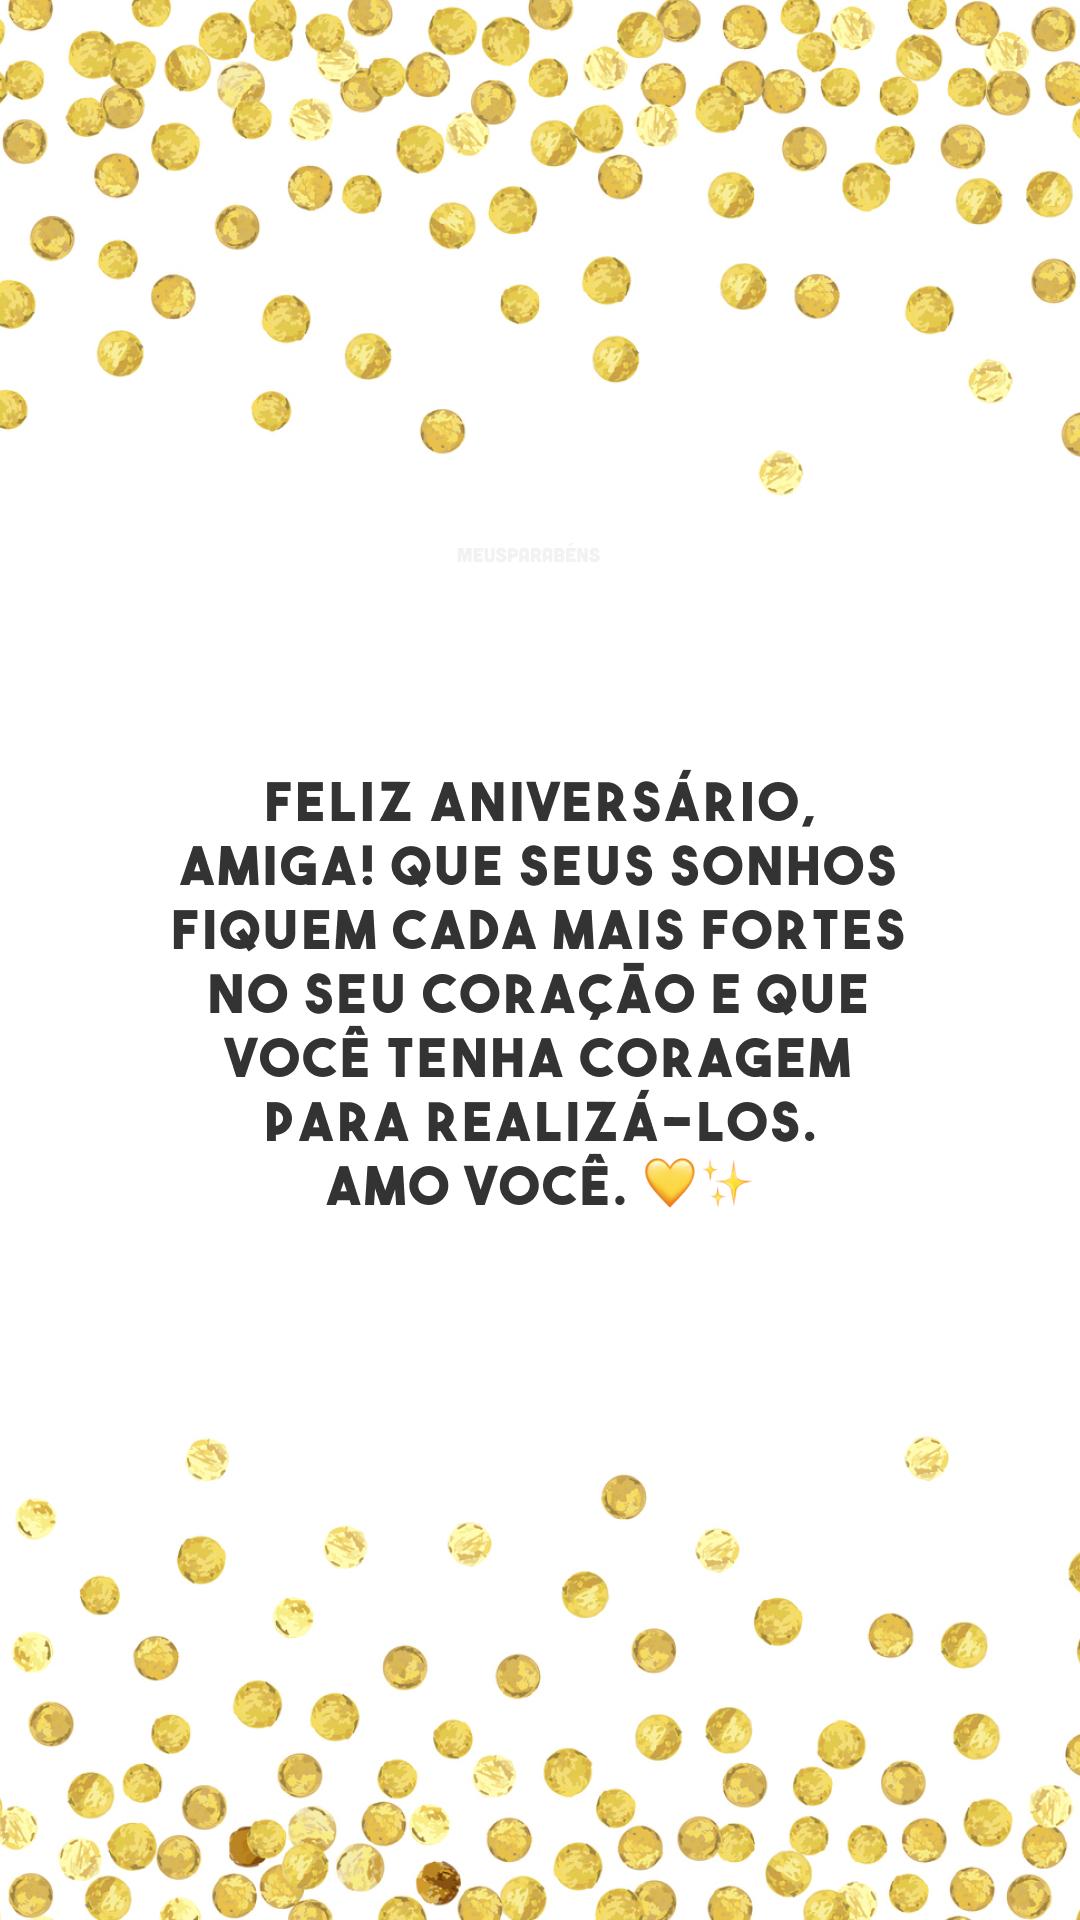 Feliz aniversário, amiga! Que seus sonhos fiquem cada mais fortes no seu coração e que você tenha coragem para realizá-los. Amo você. 💛✨